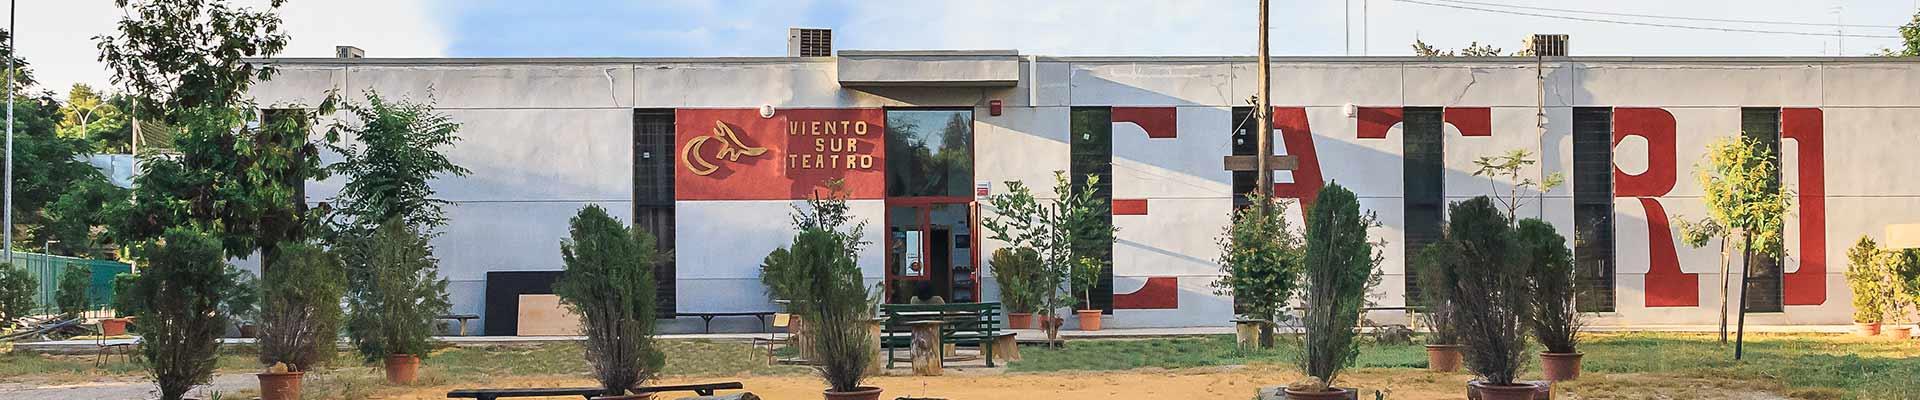 instalaciones-vientosur-teatro